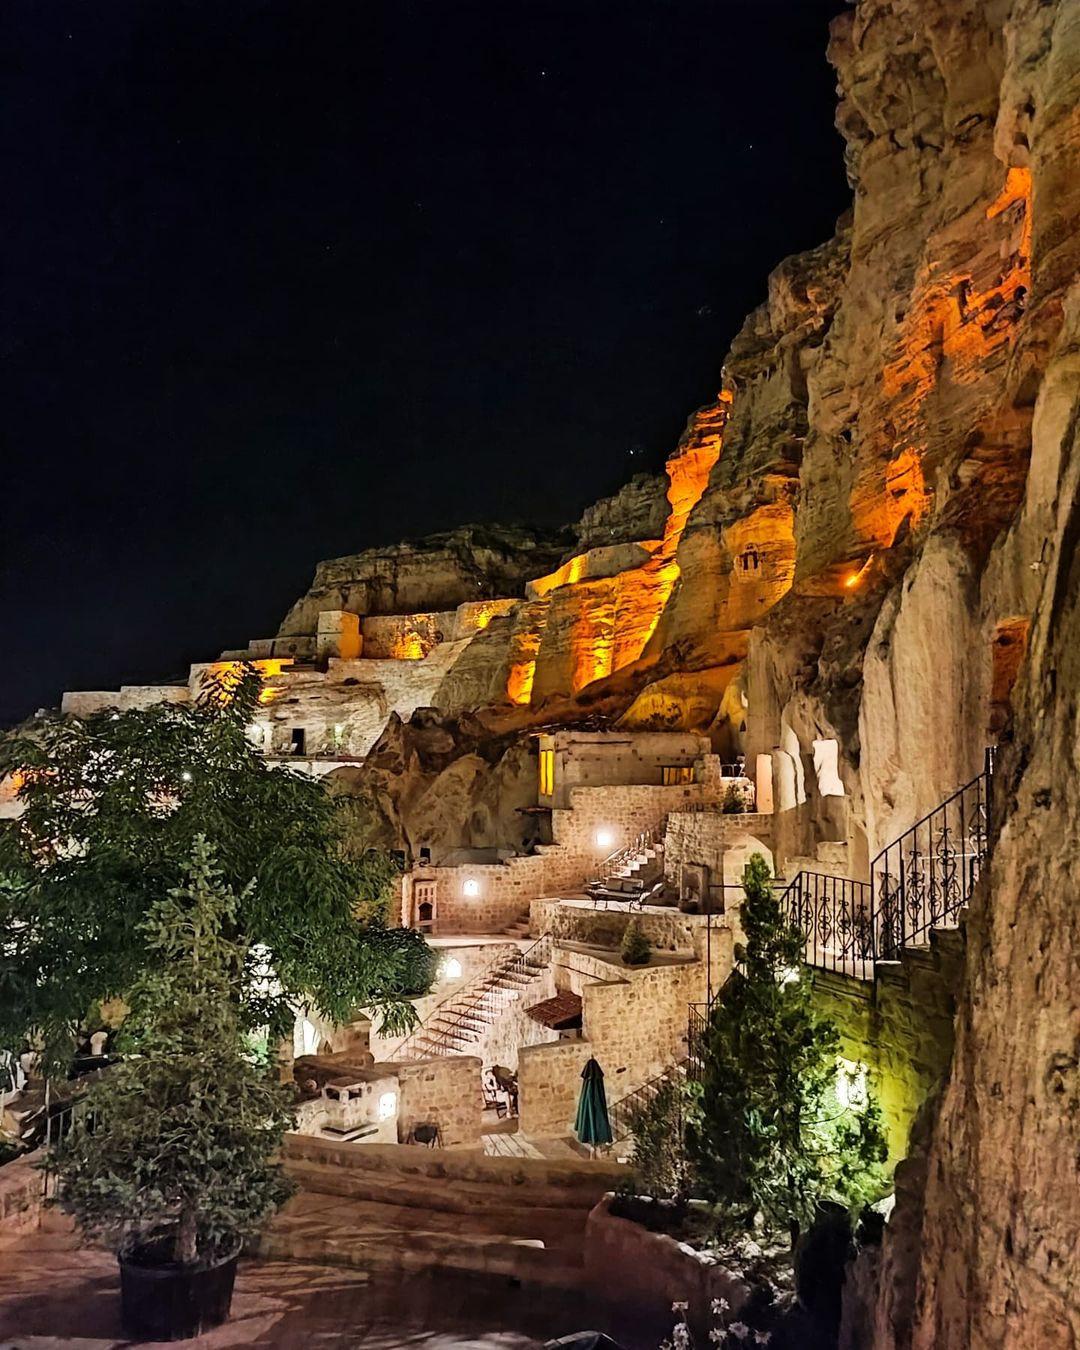 Khách sạn hang đá ở Thổ Nhĩ Kỳ 'sang chảnh' không kém resort nổi tiếng - 2